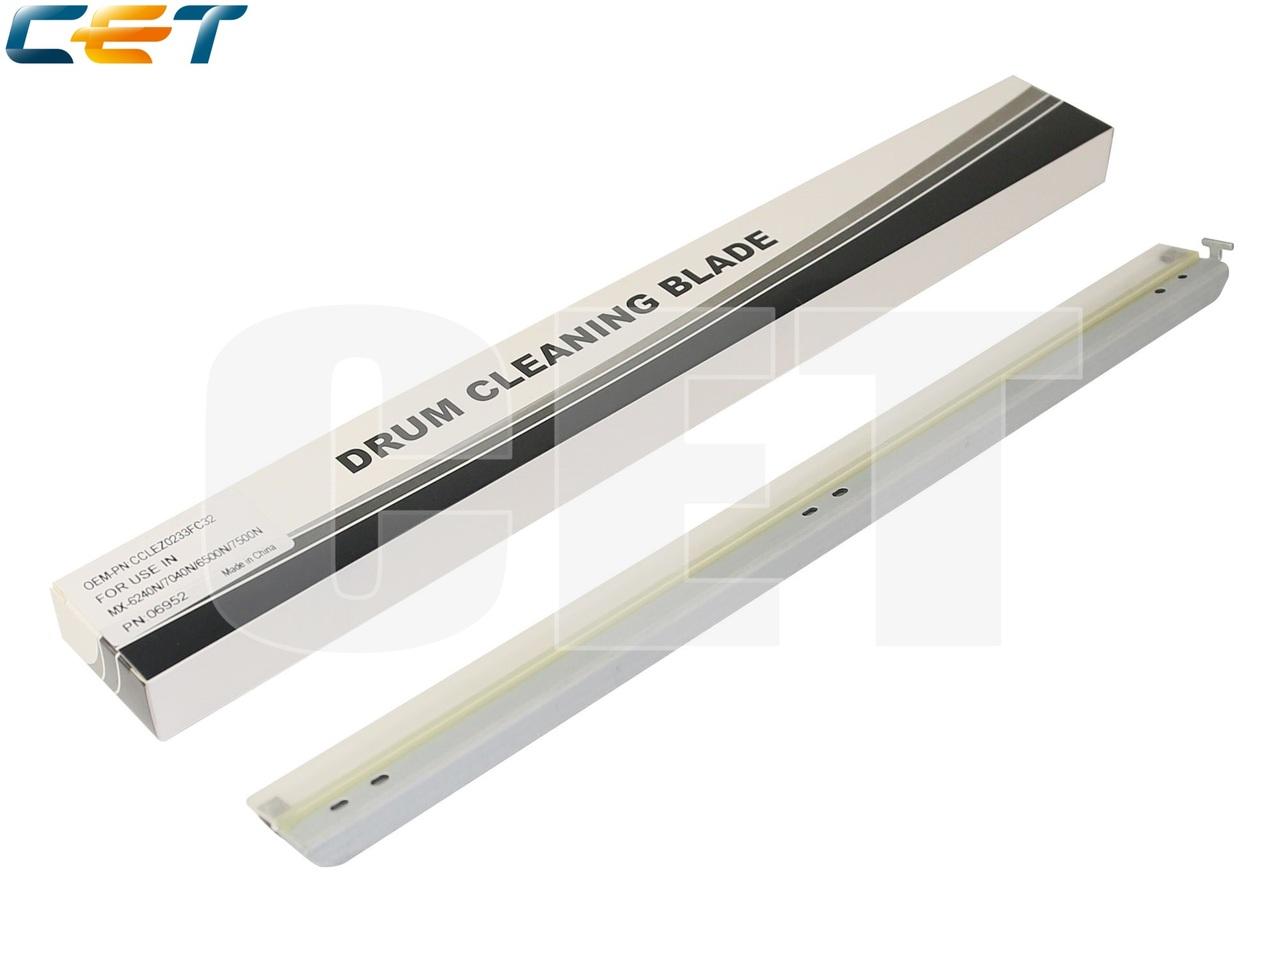 Ракель CCLEZ0233FC32 для SHARPMX-6240N/7040N/6500N/7500N (CET), CET6952